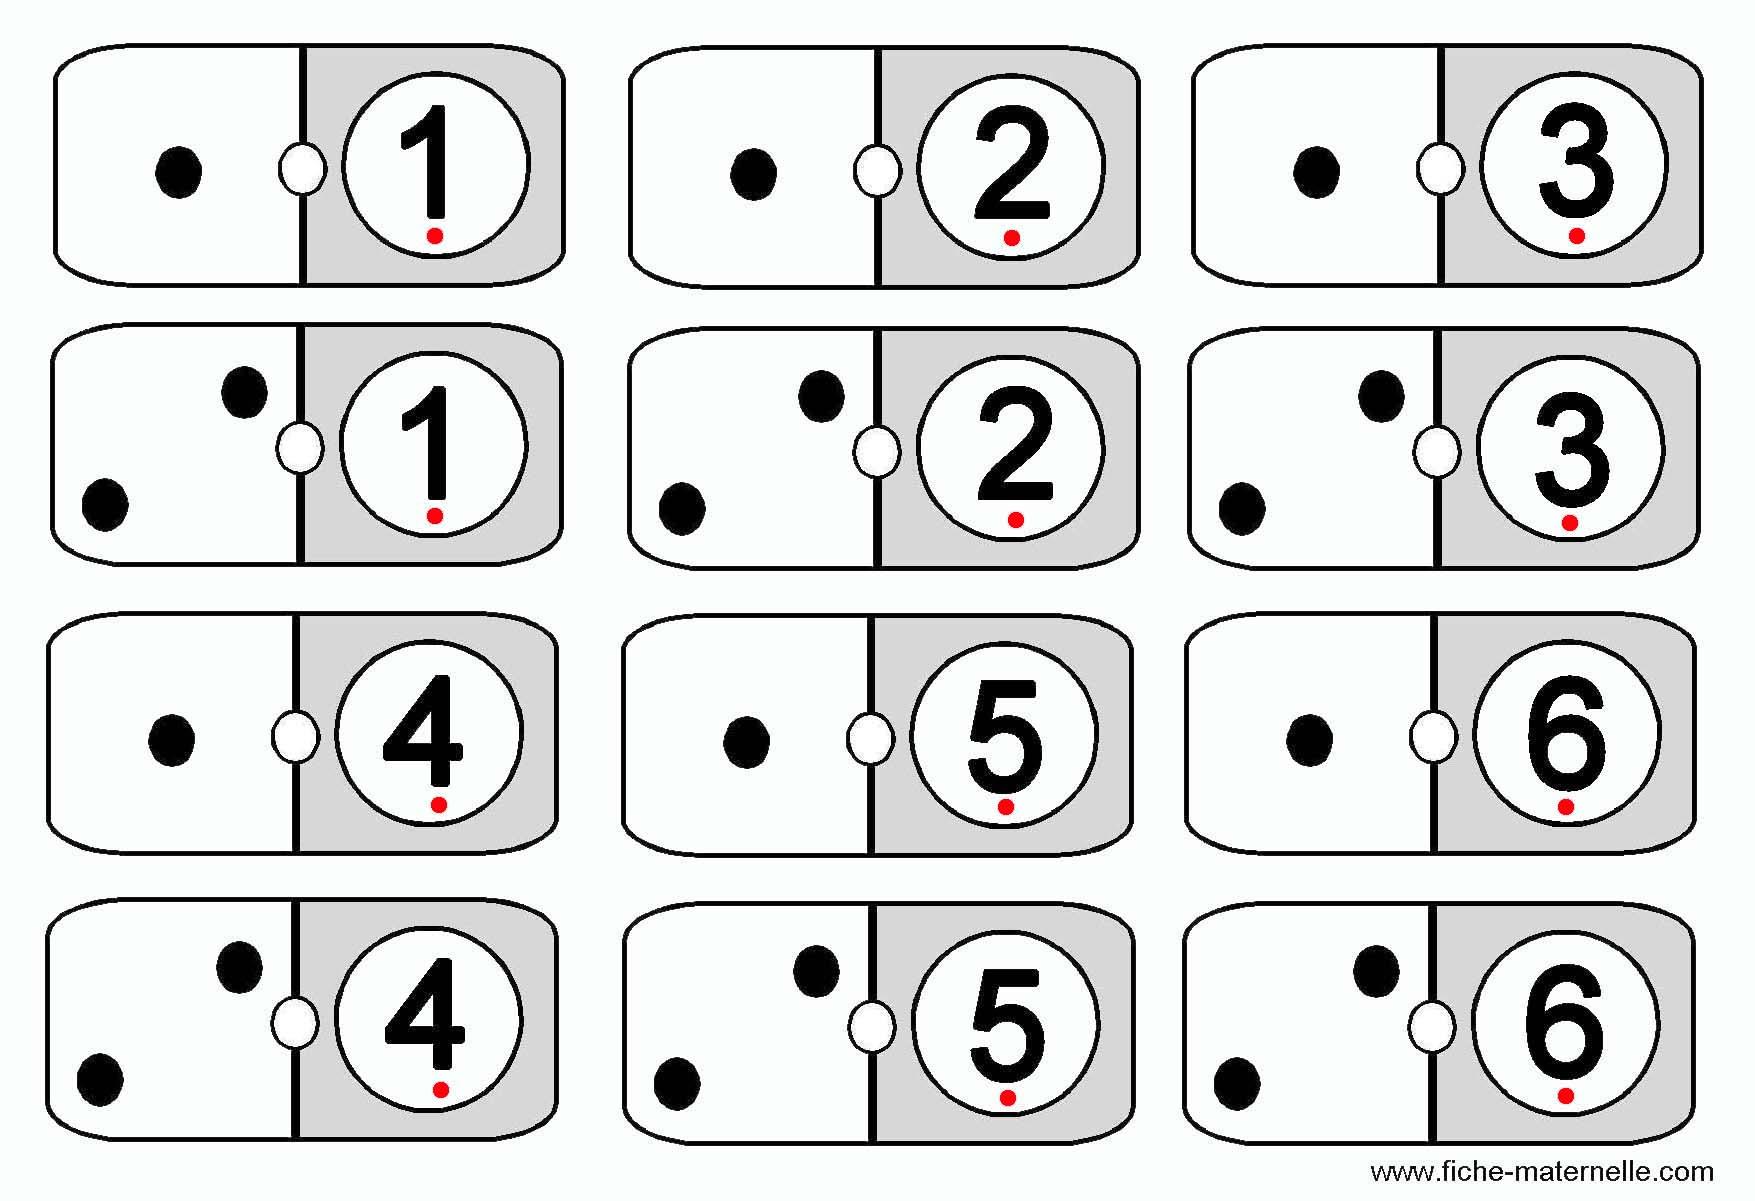 Jeux Mathématiques Pour Apprendre À Compter En Maternelle. encequiconcerne Atelier Découpage Maternelle